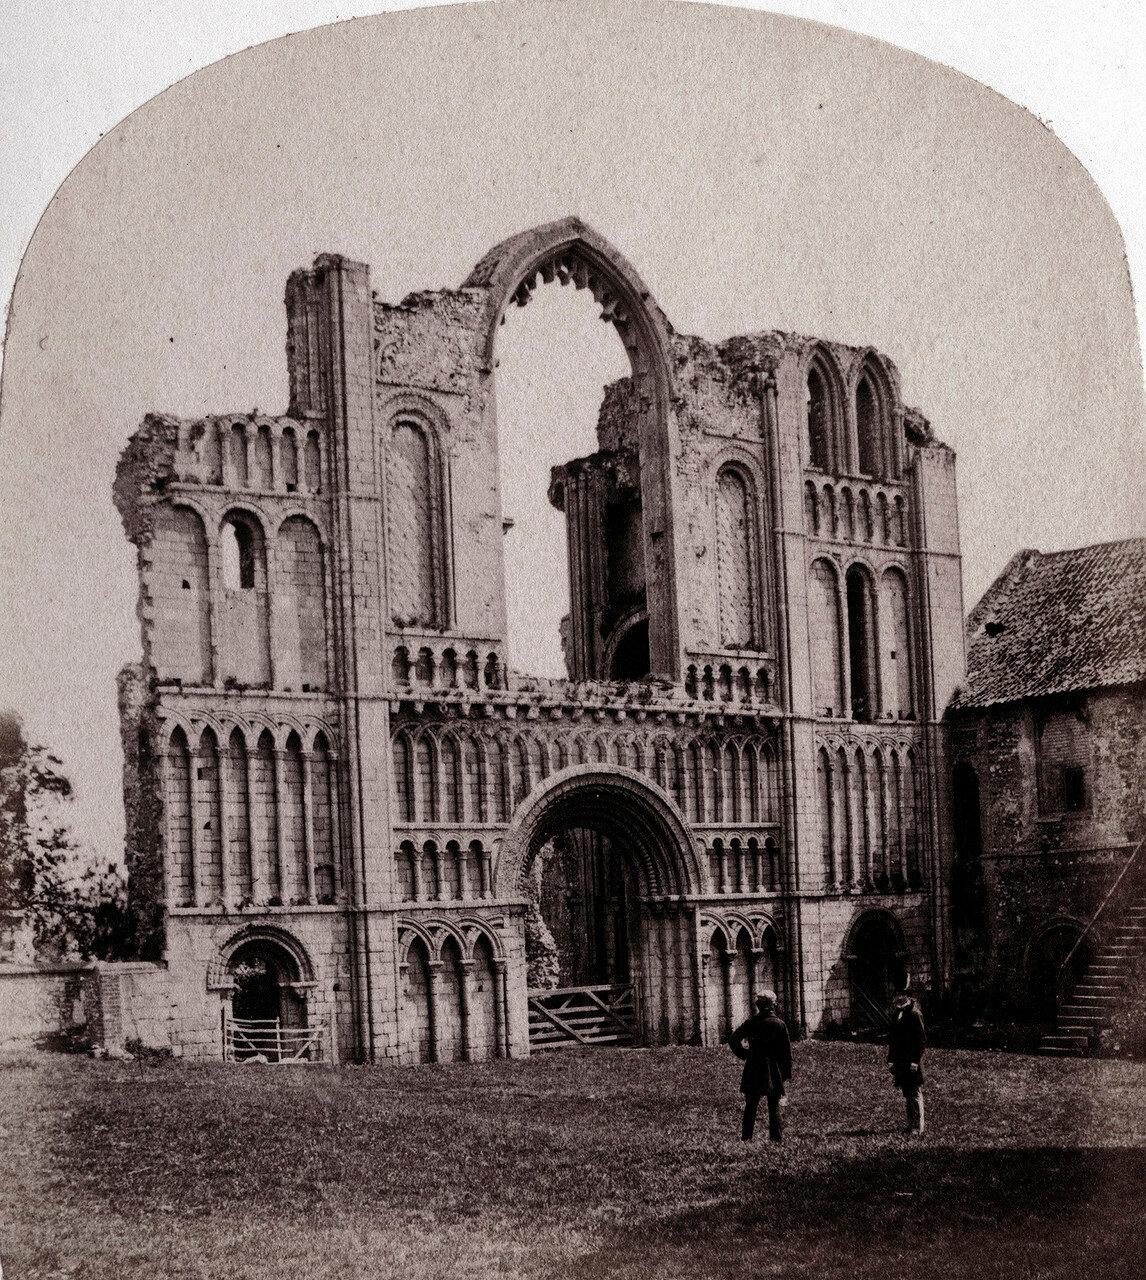 Монастырь Замка Акра. западный фасад. Великобритания, 1864